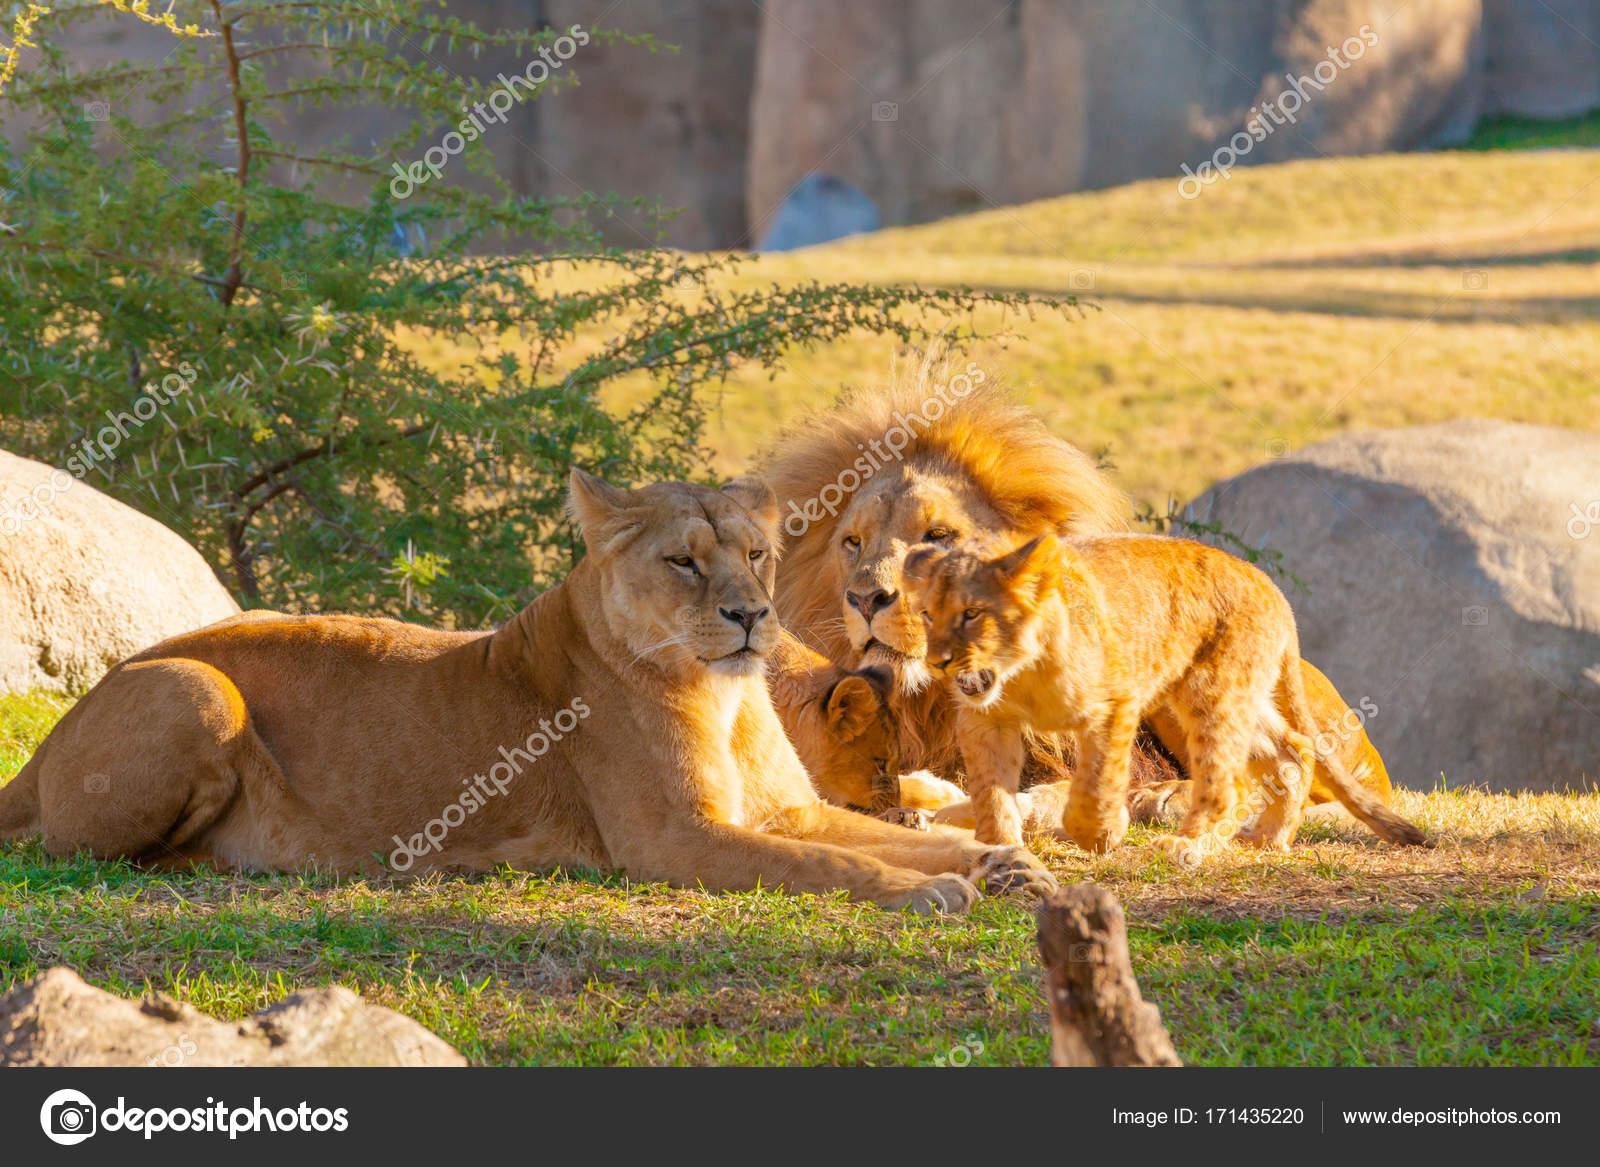 Famille de lions au kenya photographie markpittimages - Photos de lions gratuites ...